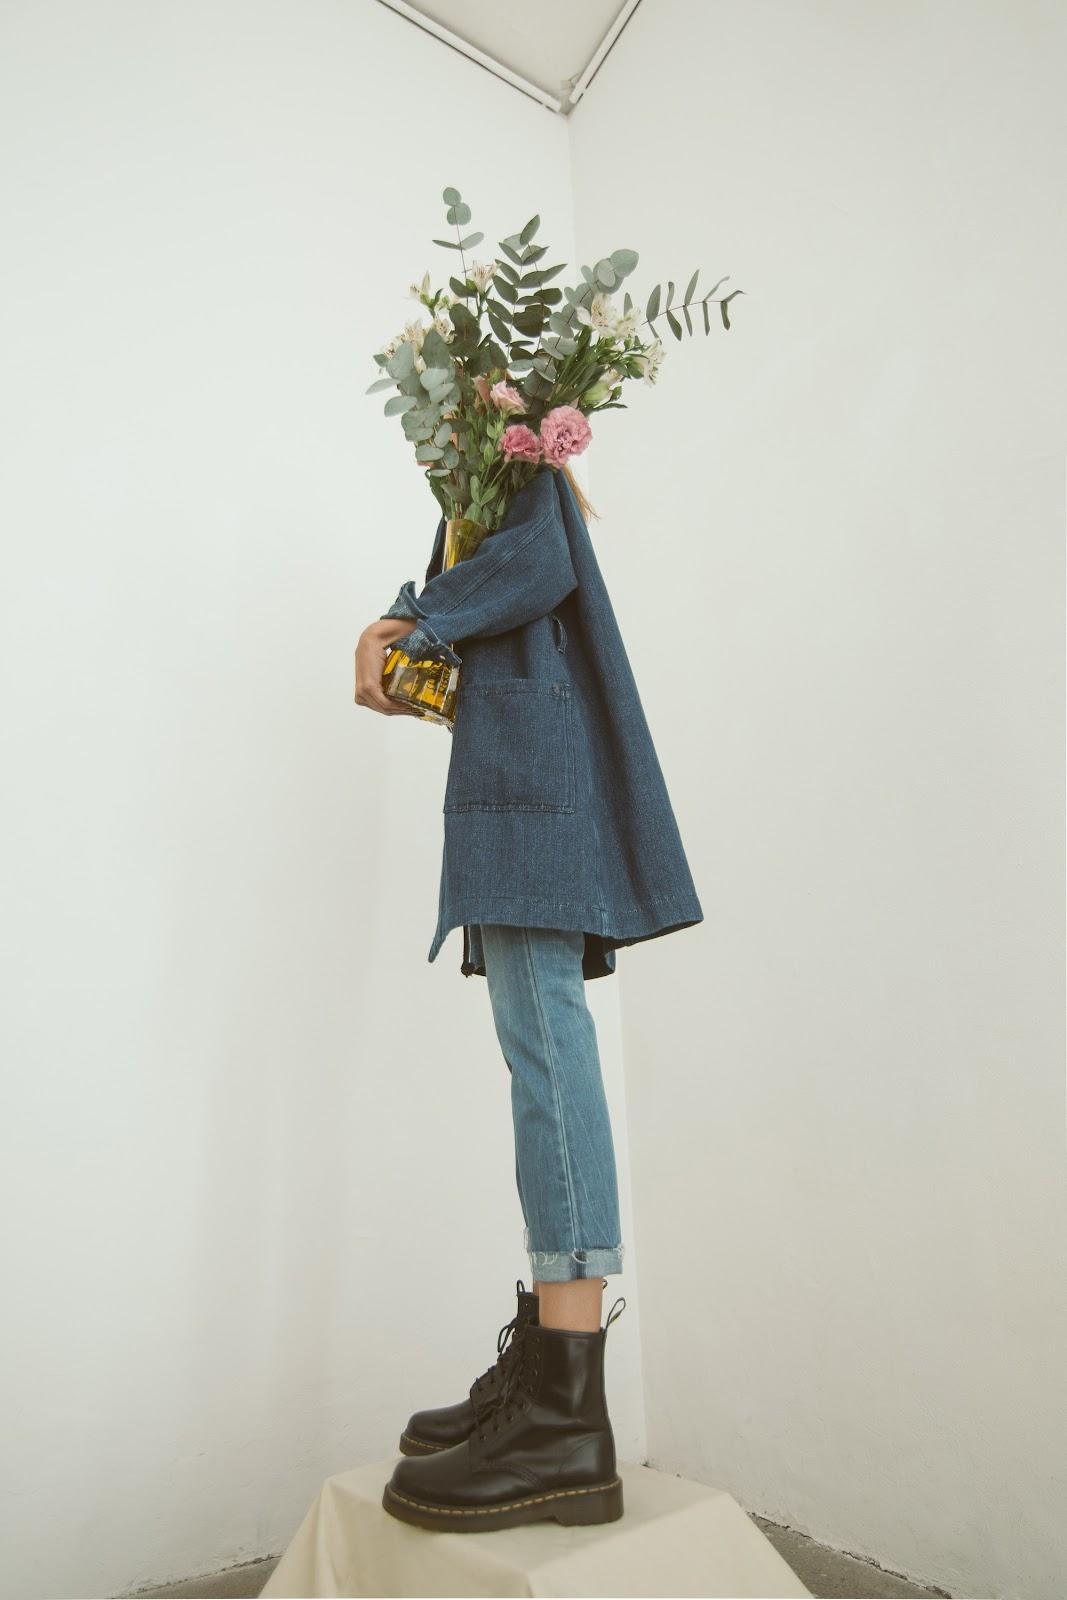 אישה מחזיקה זר פרחים שמסתיר את הפנים